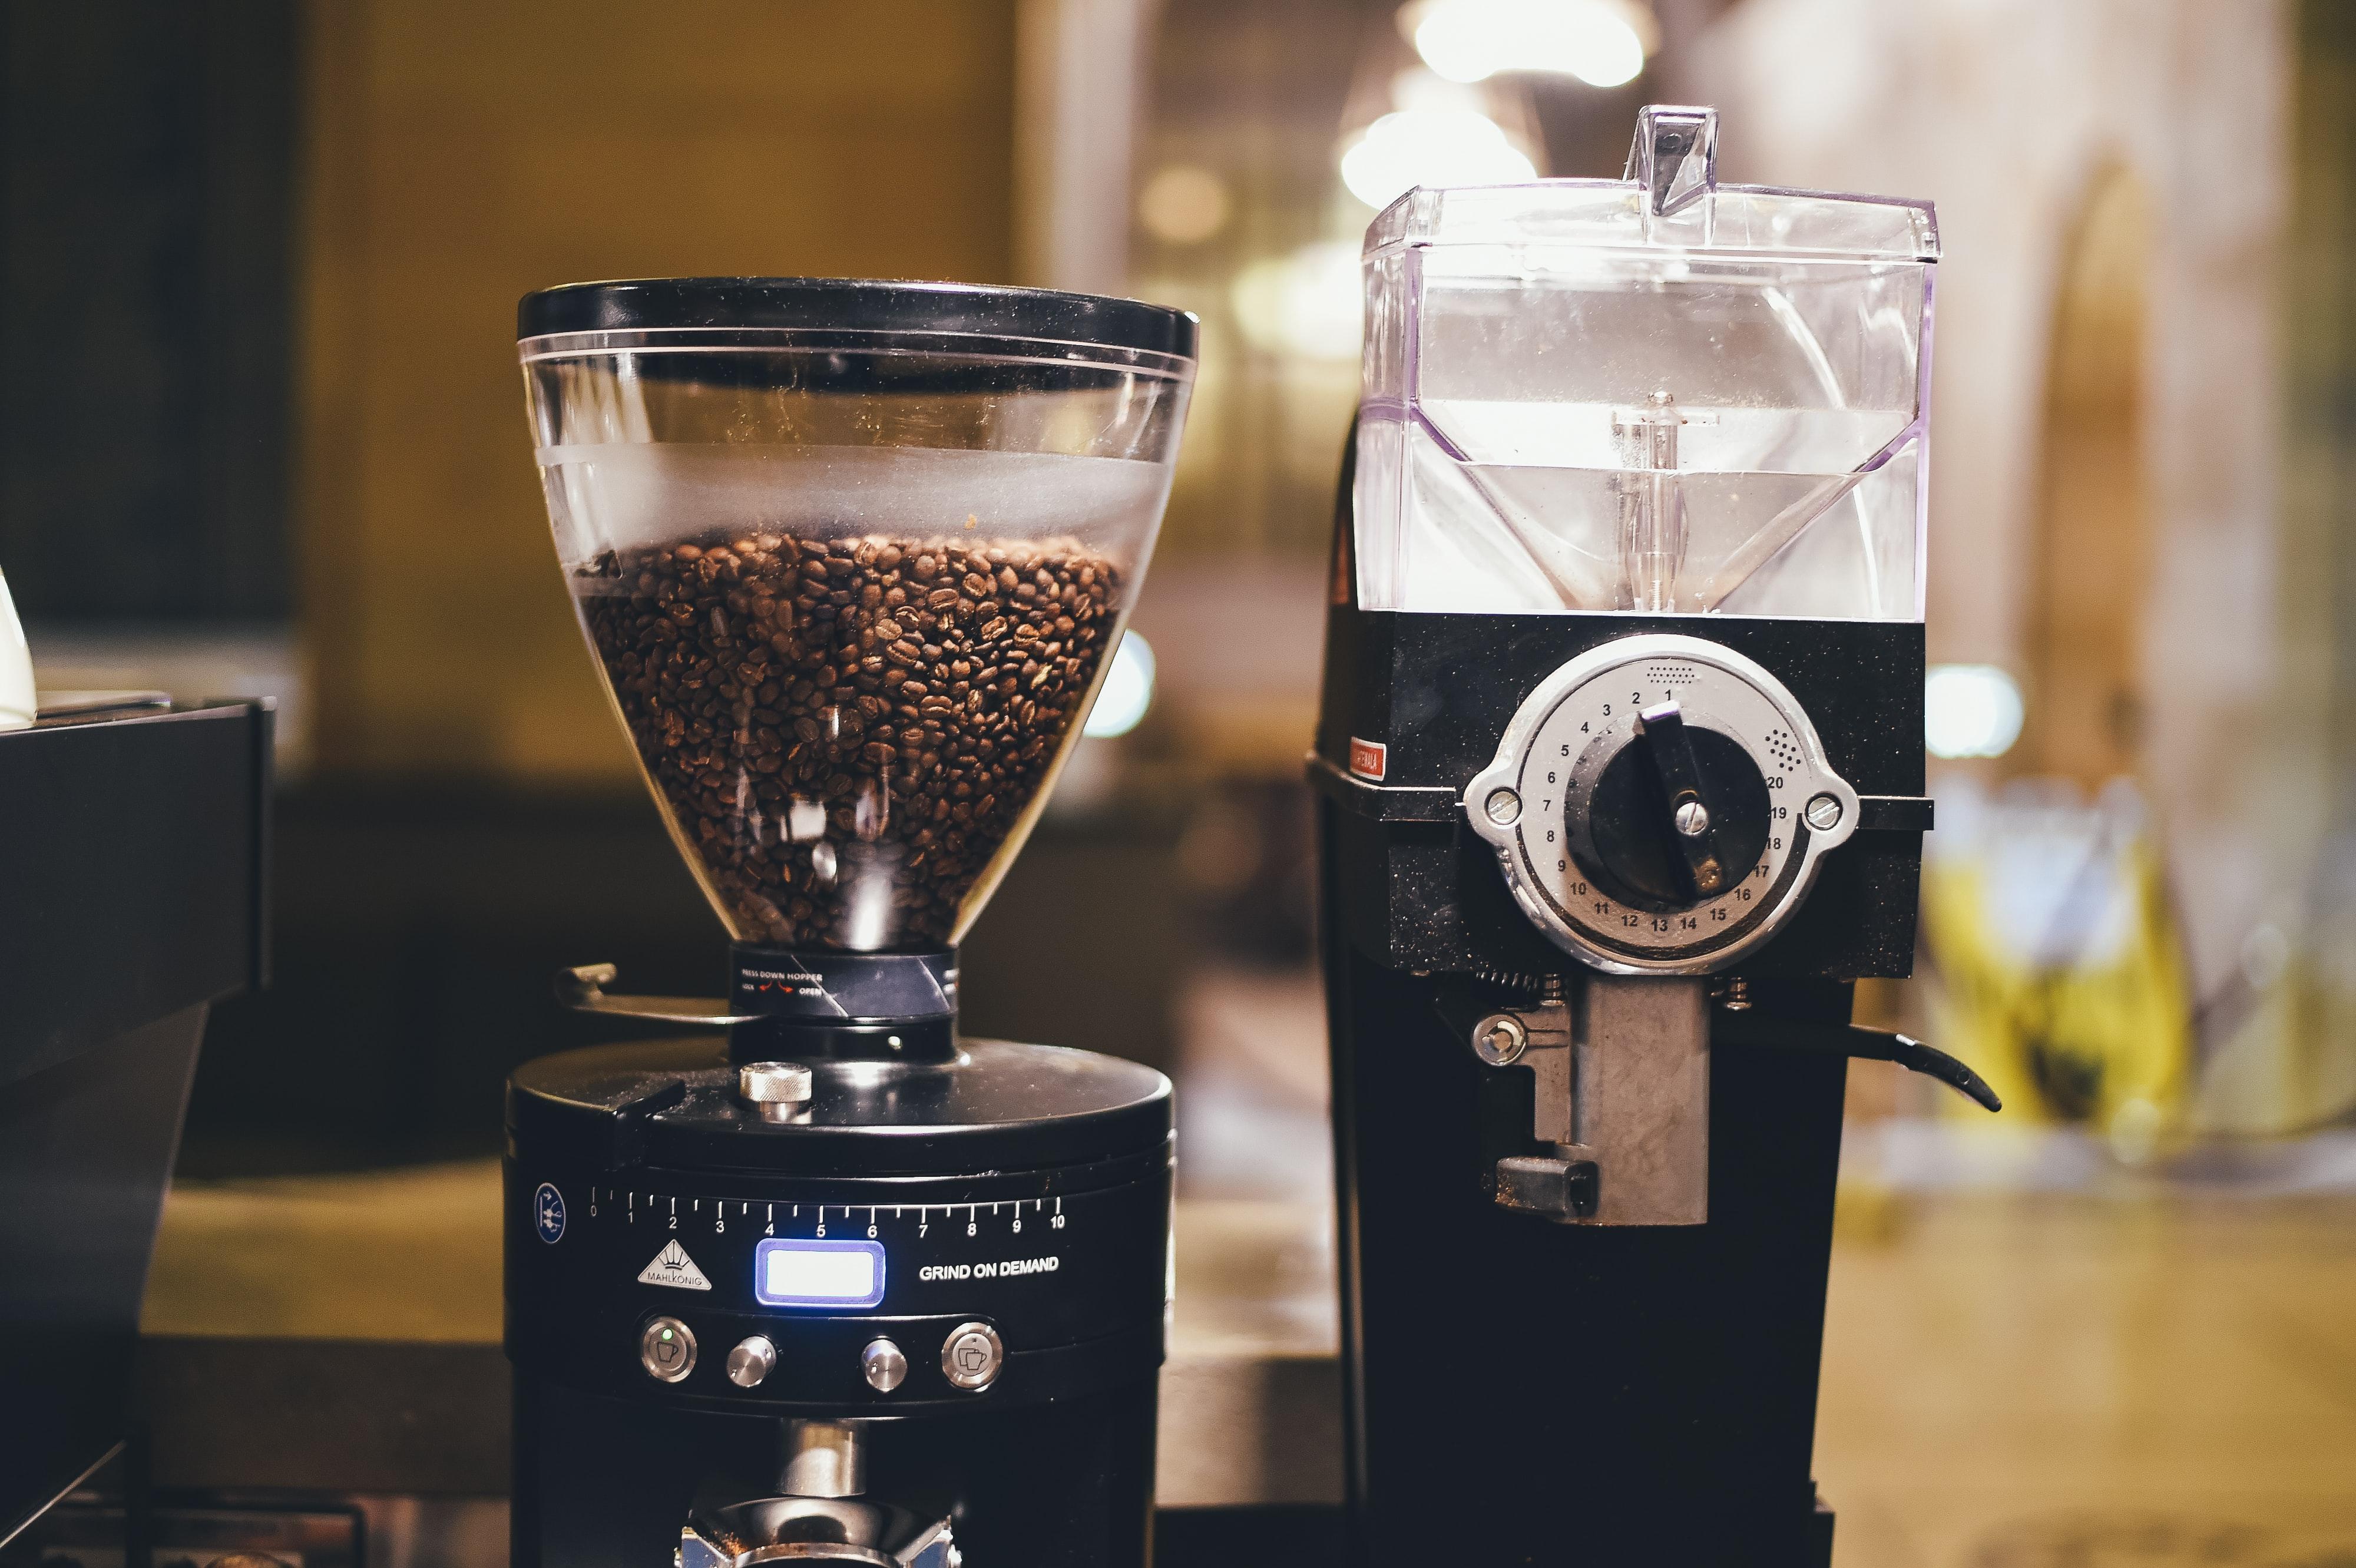 Quigg Kaffeemühle für den Heim-Barista Stahl Kegelmahlwerk anthrazit o rot